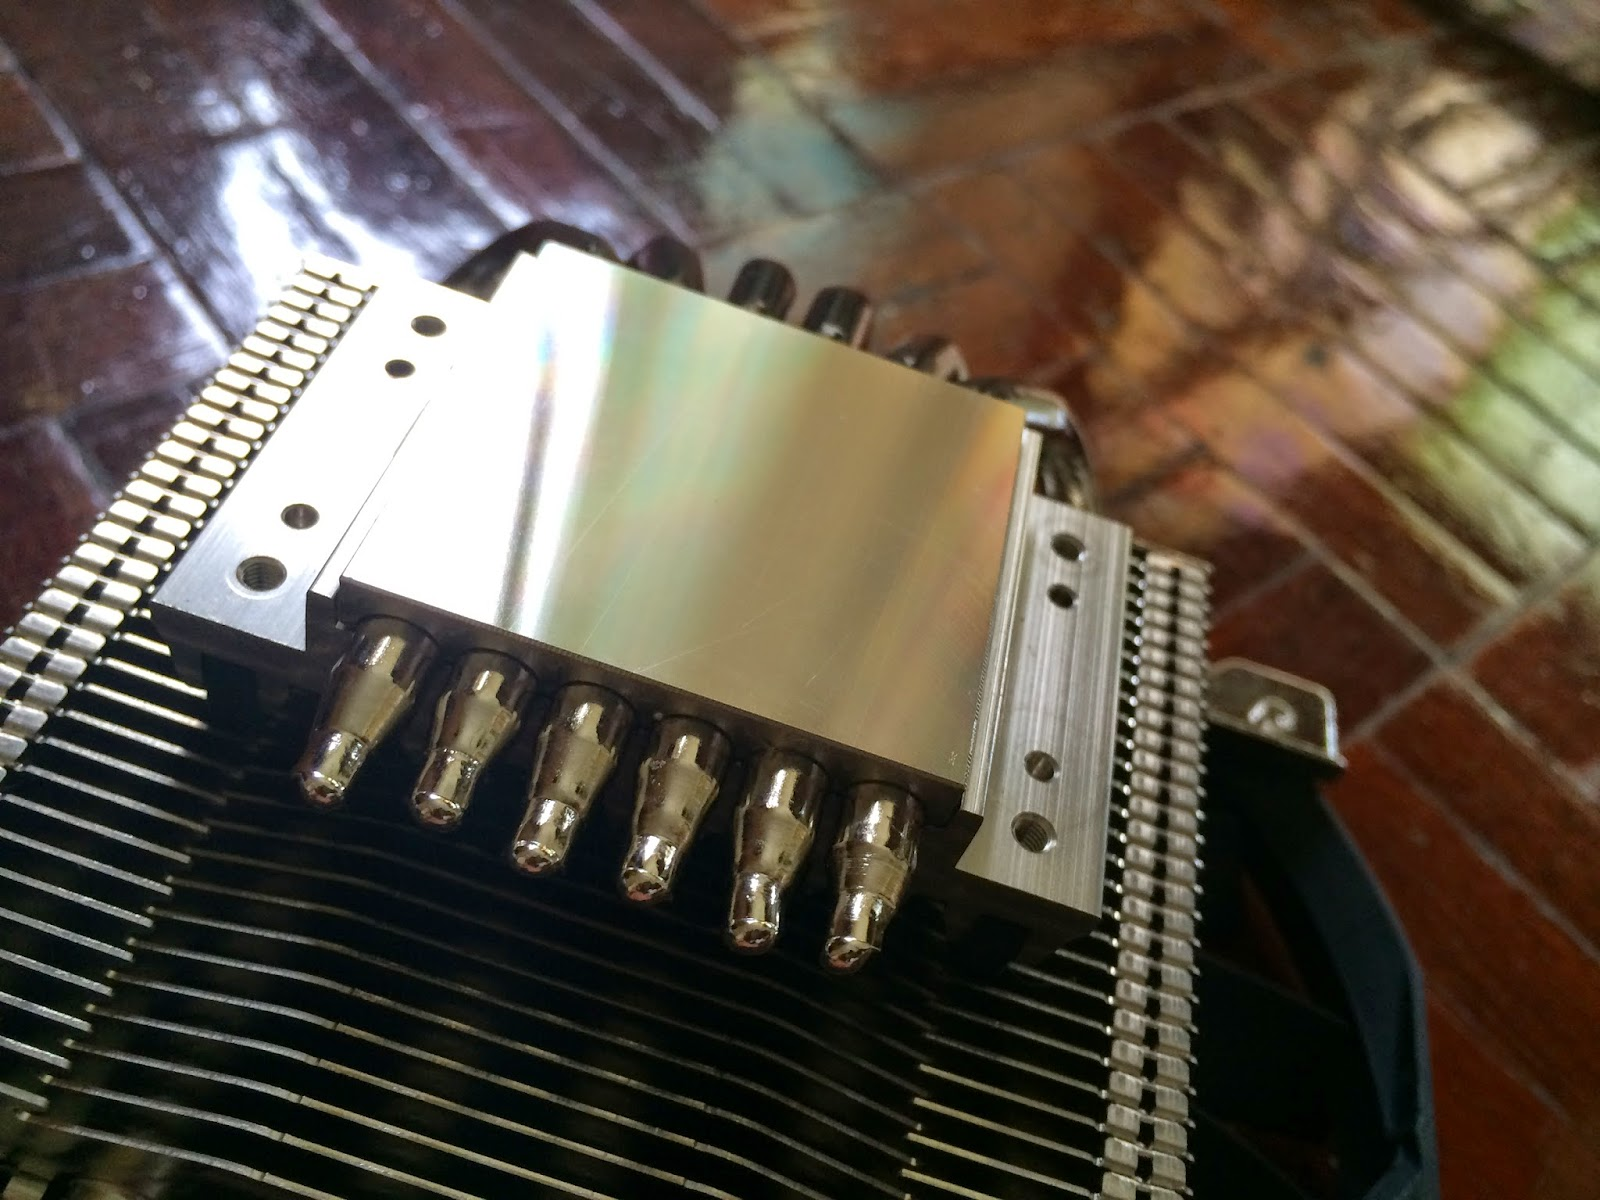 Unboxing & Review: Prolimatech Samuel 17 Low Profile CPU Cooler 6